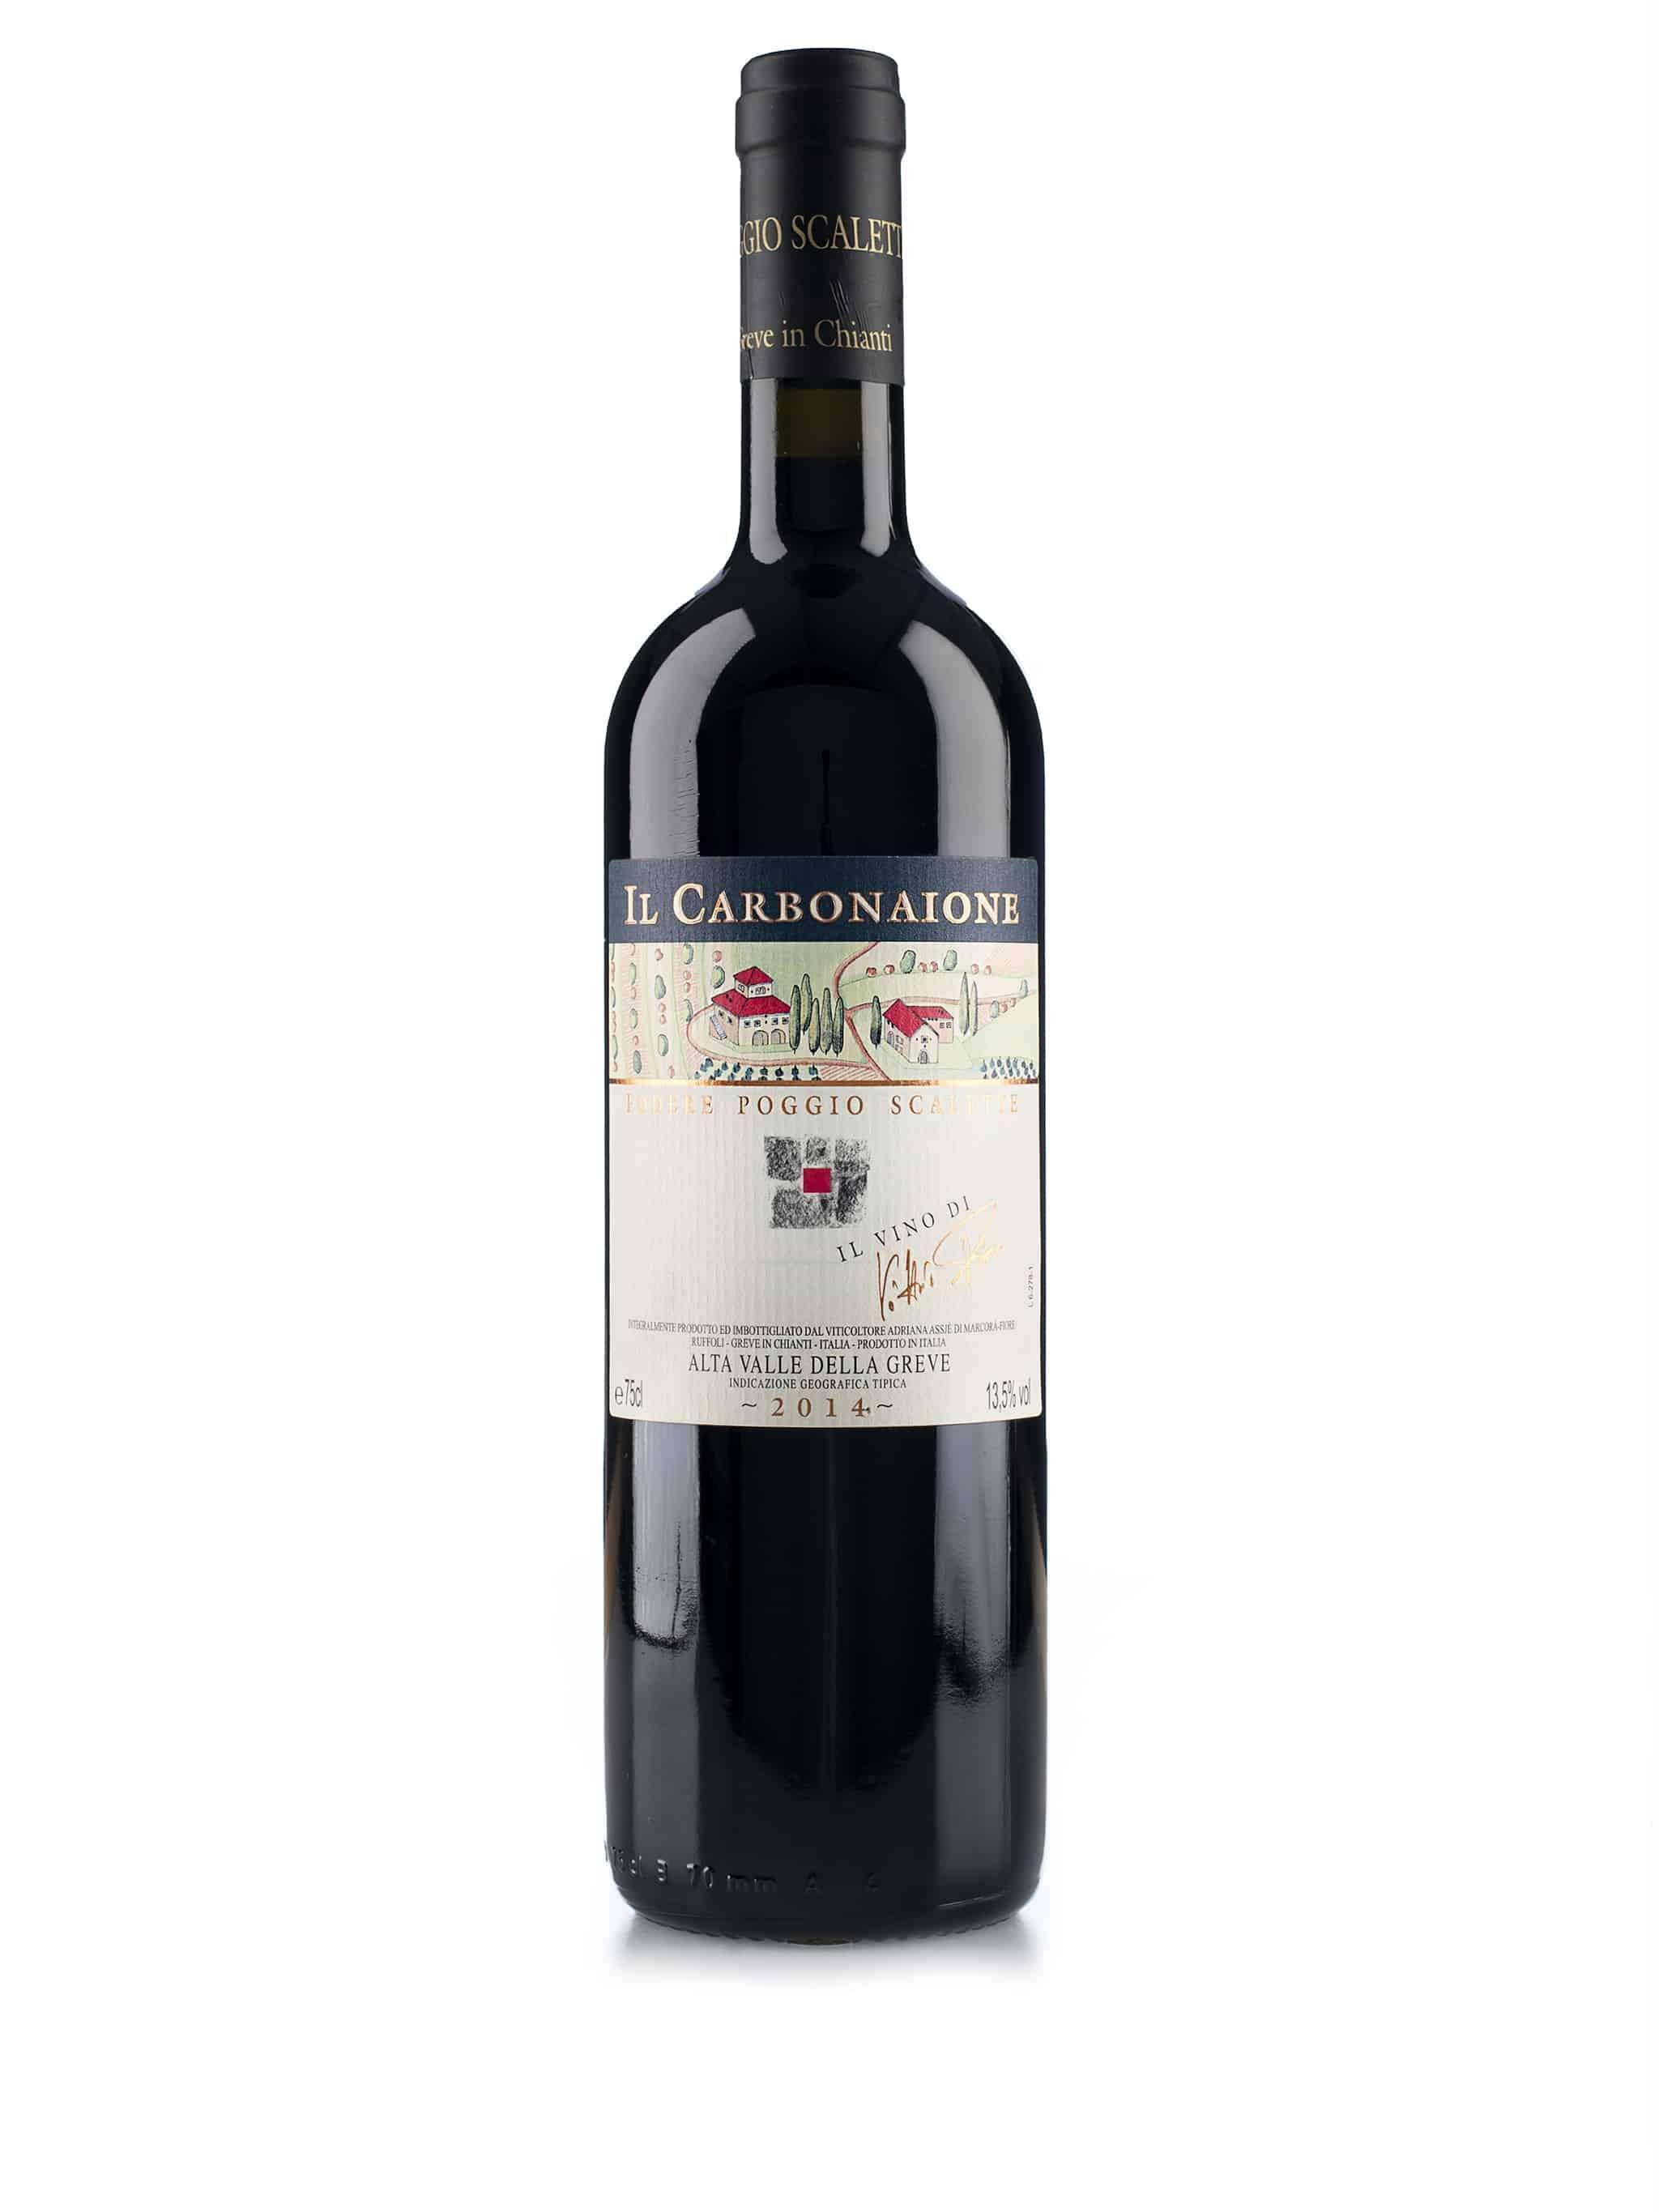 Italiaanse rode wijn van wijndomein Podere Poggio Scalette: Il Carbonaione